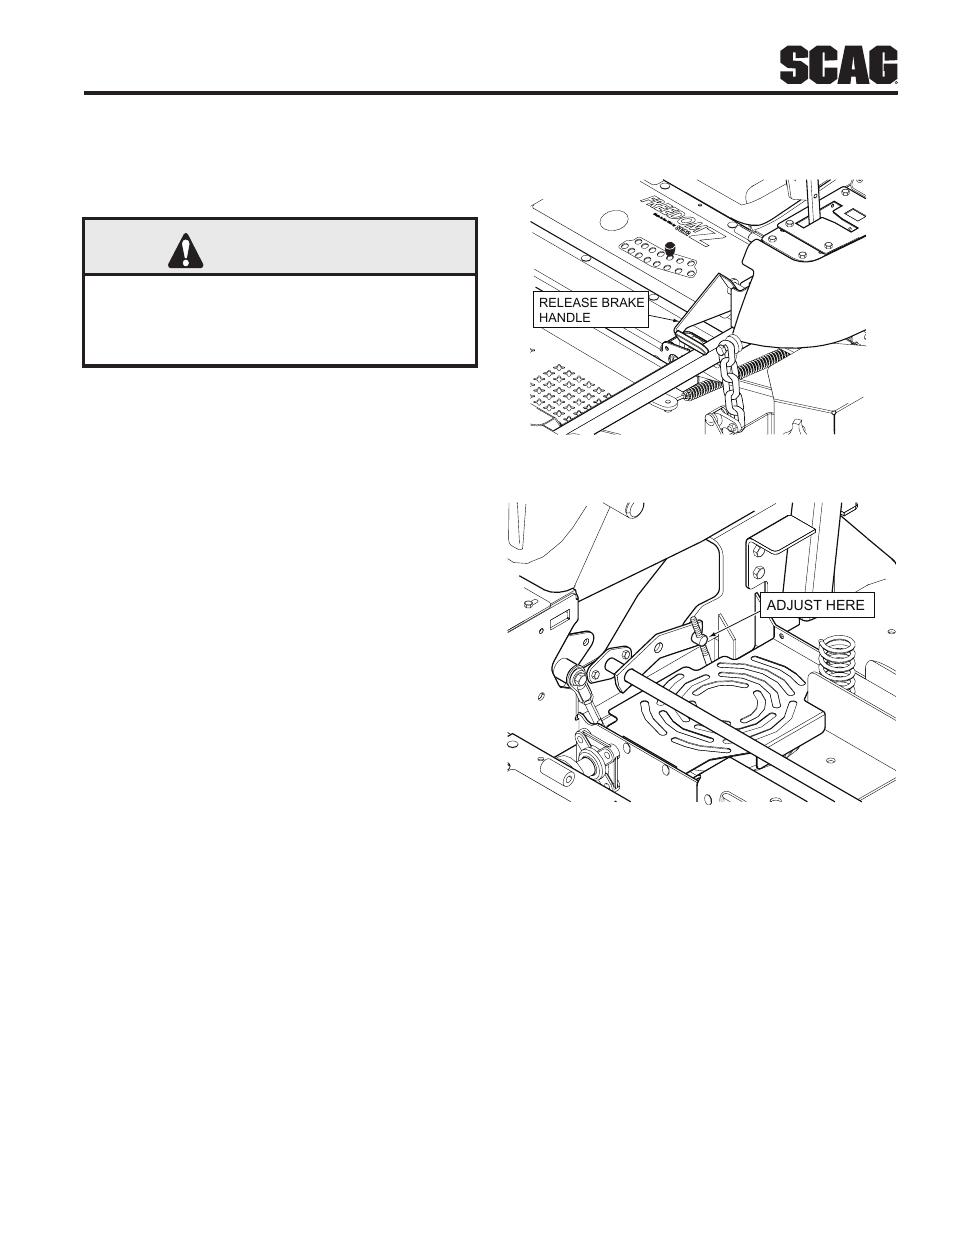 Adjustments  Section 6  1 Parking Brake Adjustment